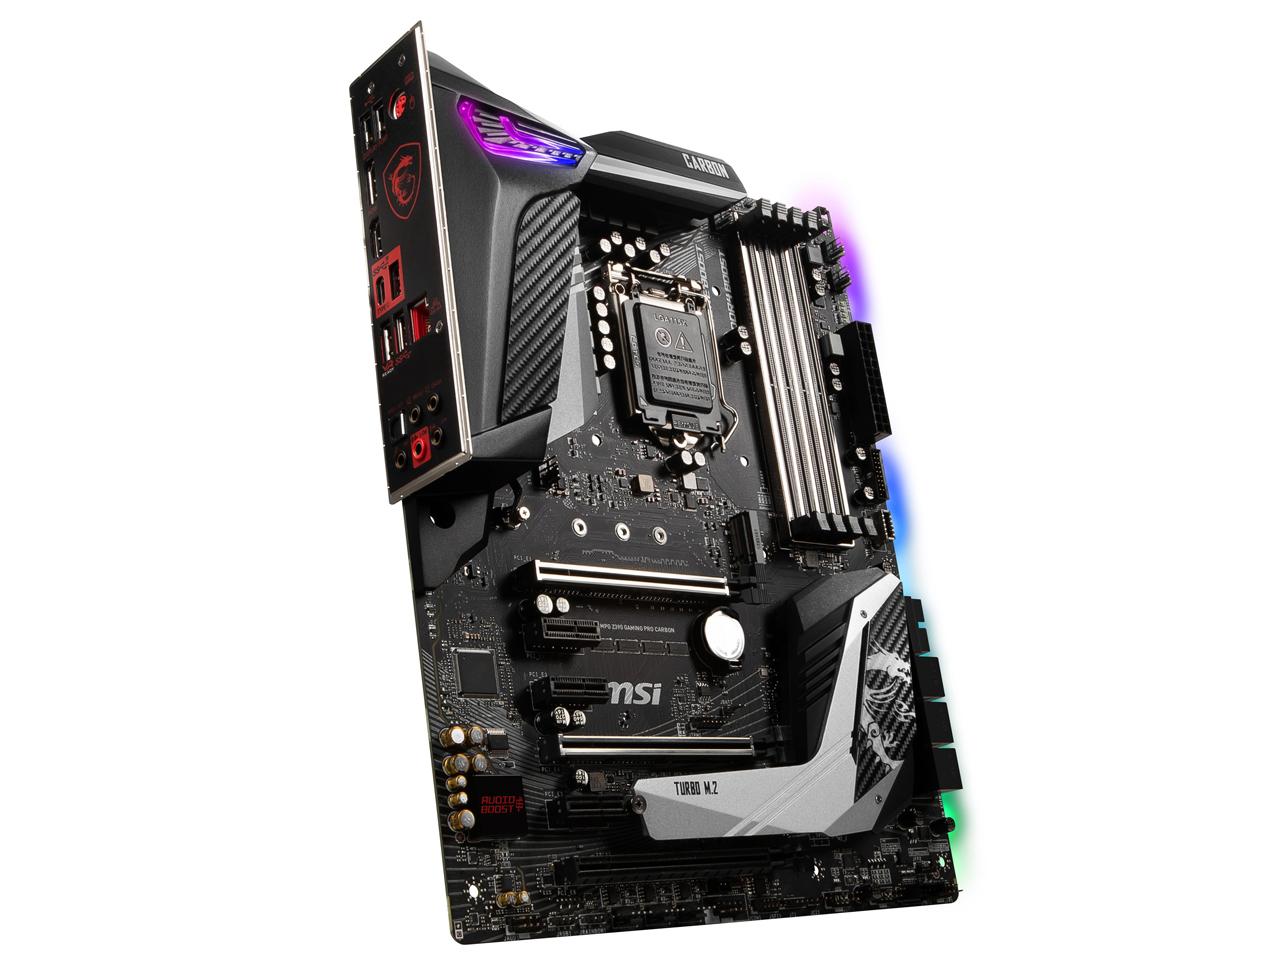 『本体2』 MPG Z390 GAMING PRO CARBON の製品画像